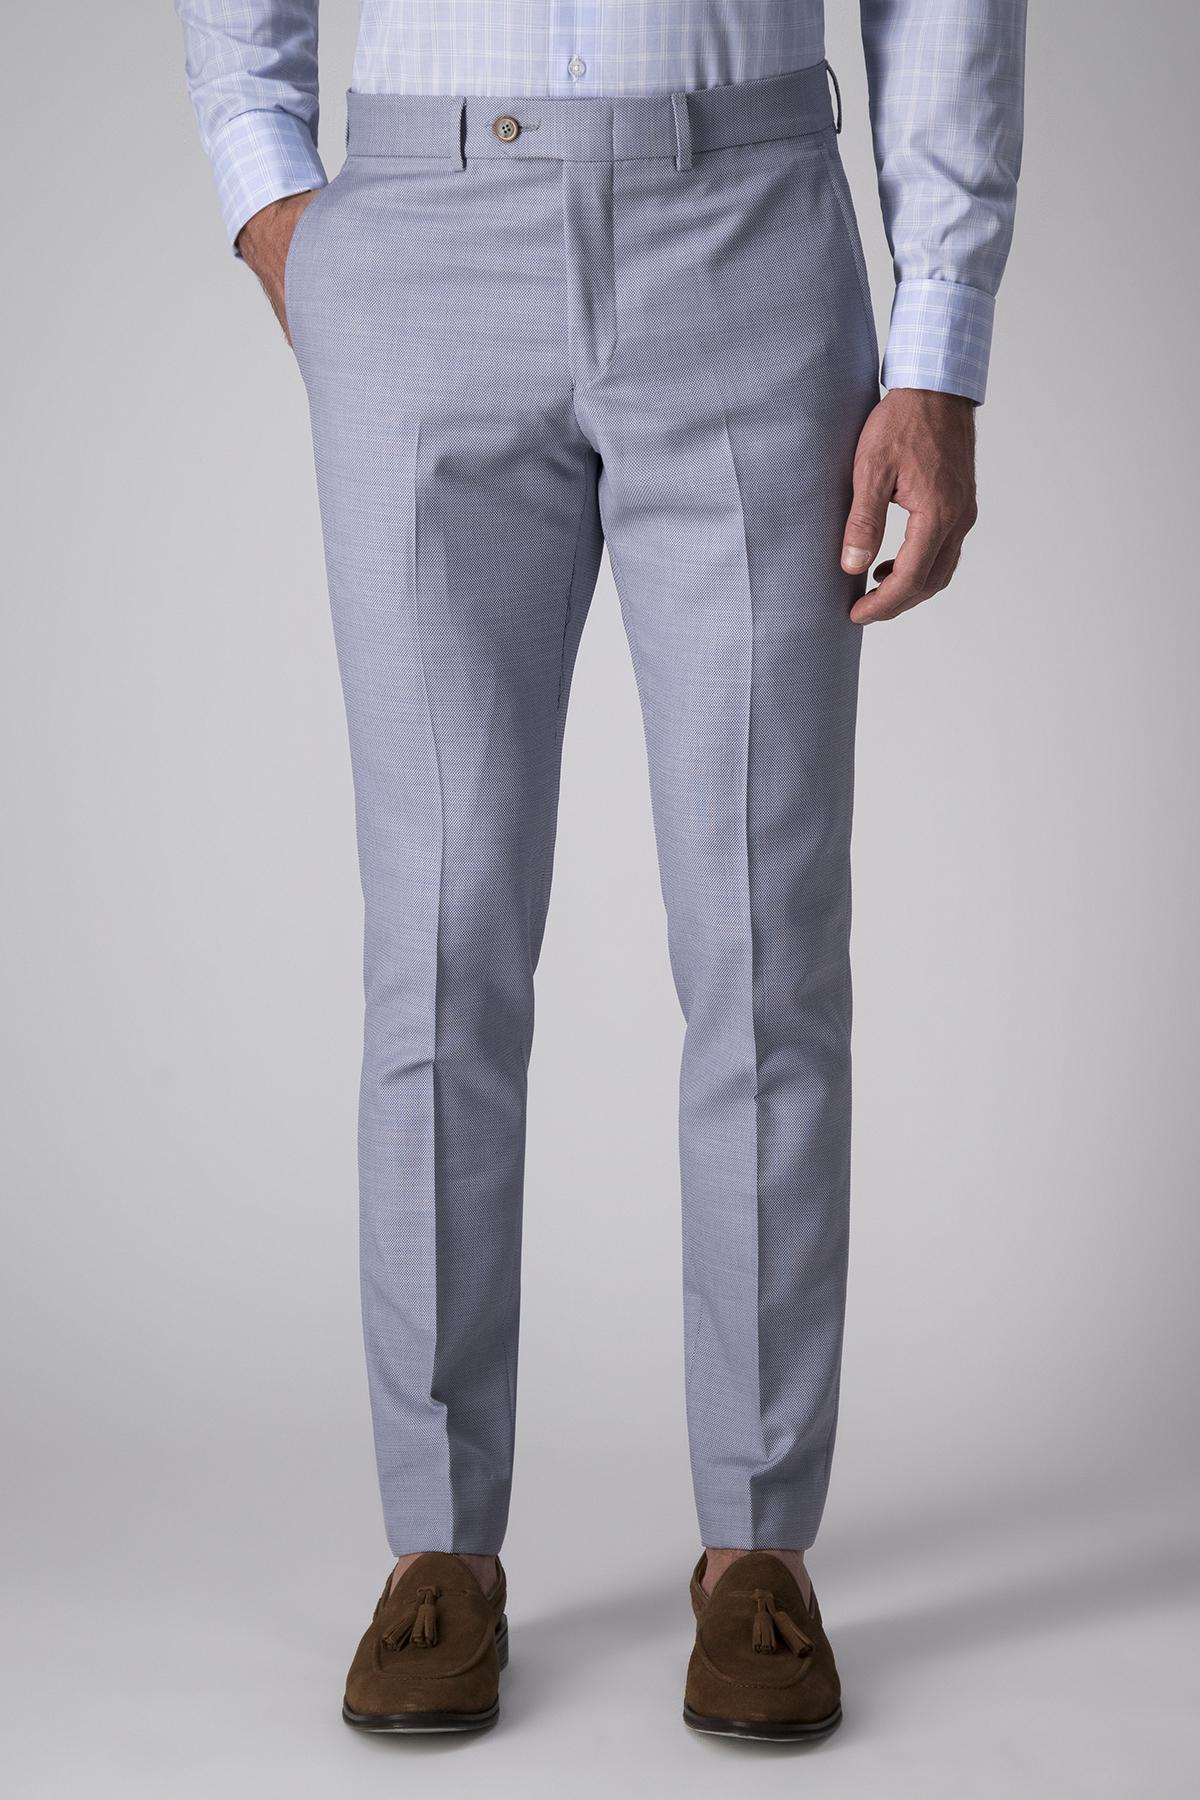 Pantalón Calderoni, tejido italiano, micro diseño celeste